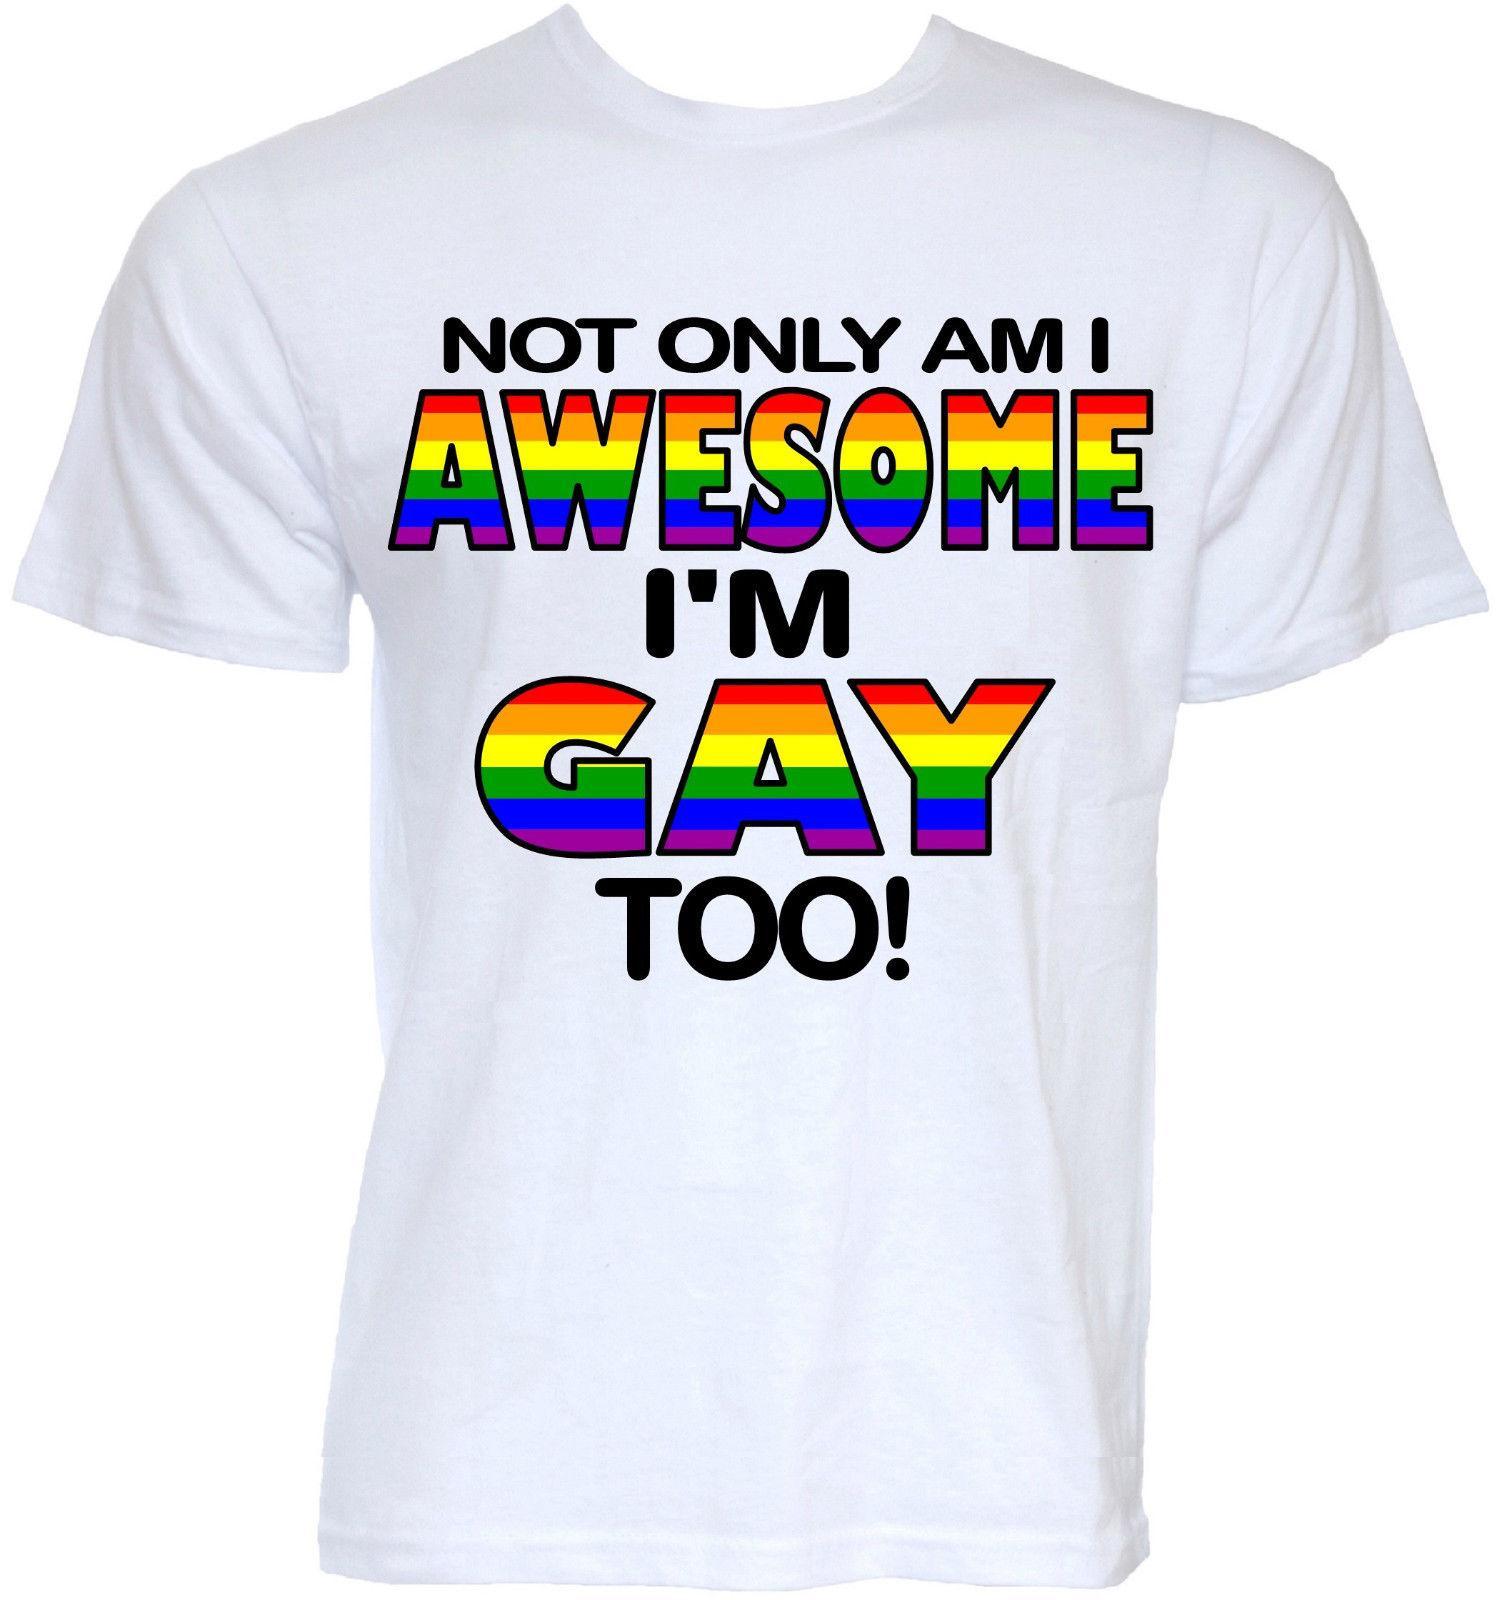 be6c0a83ea3 GAY PRIDE T-SHIRTS MENS FUNNY COOL NOVELTY LGBT LESBIAN SLOGAN JOKE RUDE T- SHIRT Cool Tops Men S Short 2018 Newest Men S Funny Top Tee